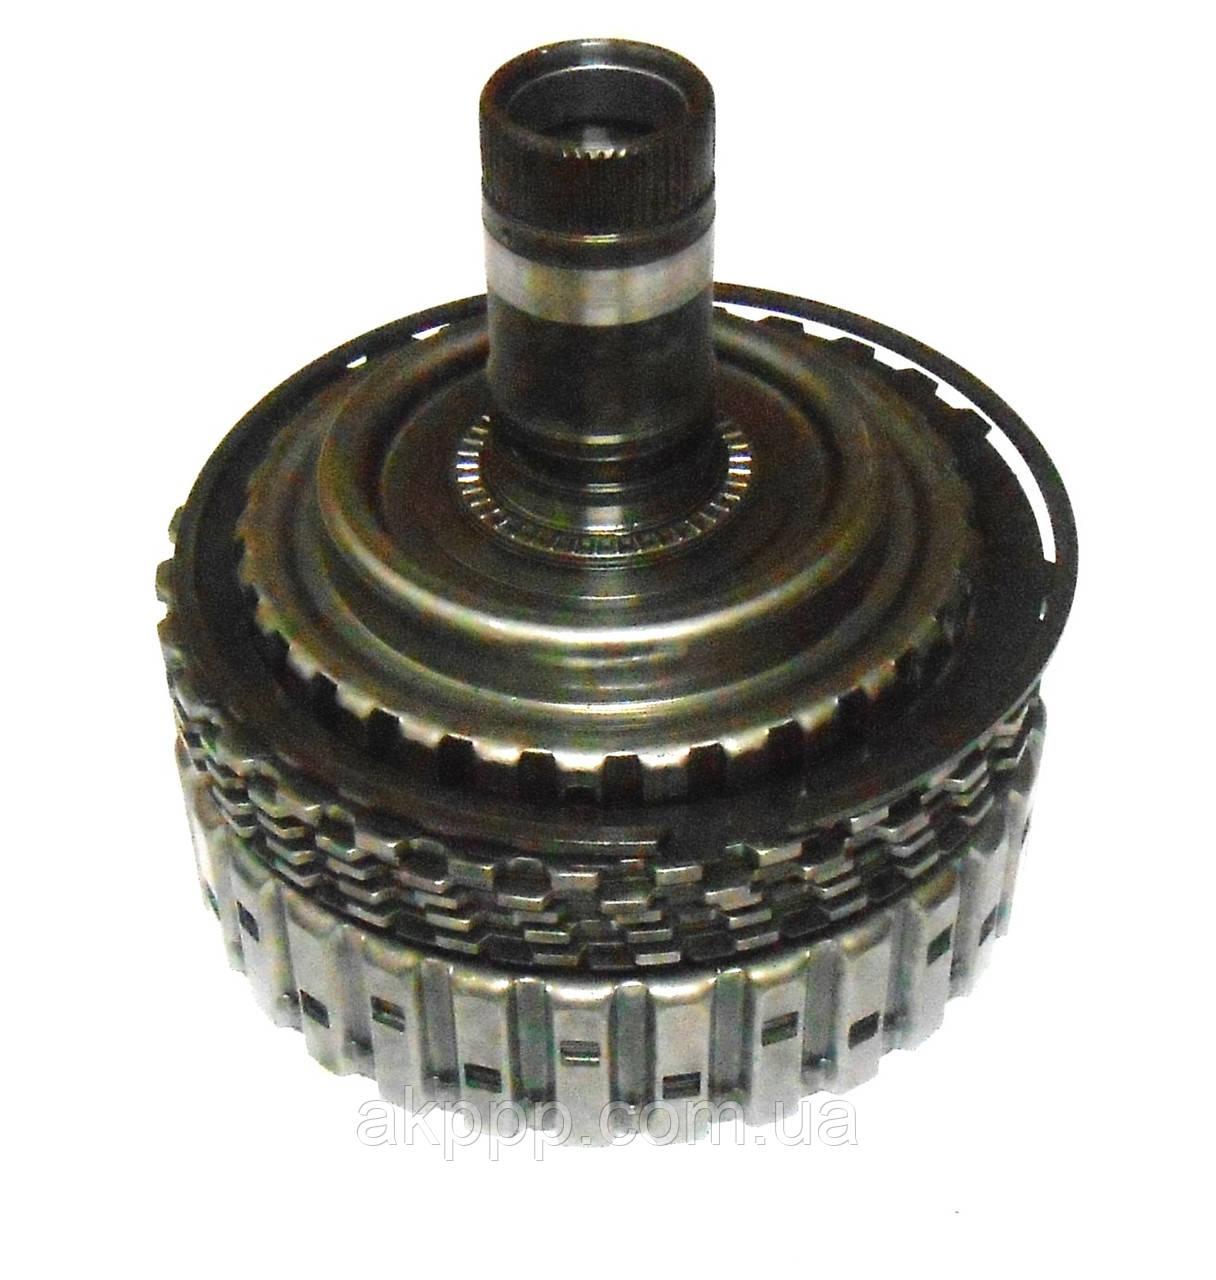 Акпп ZF6HP26, ZF6HP28, Барабан прямої передачі 1068272054 б/у